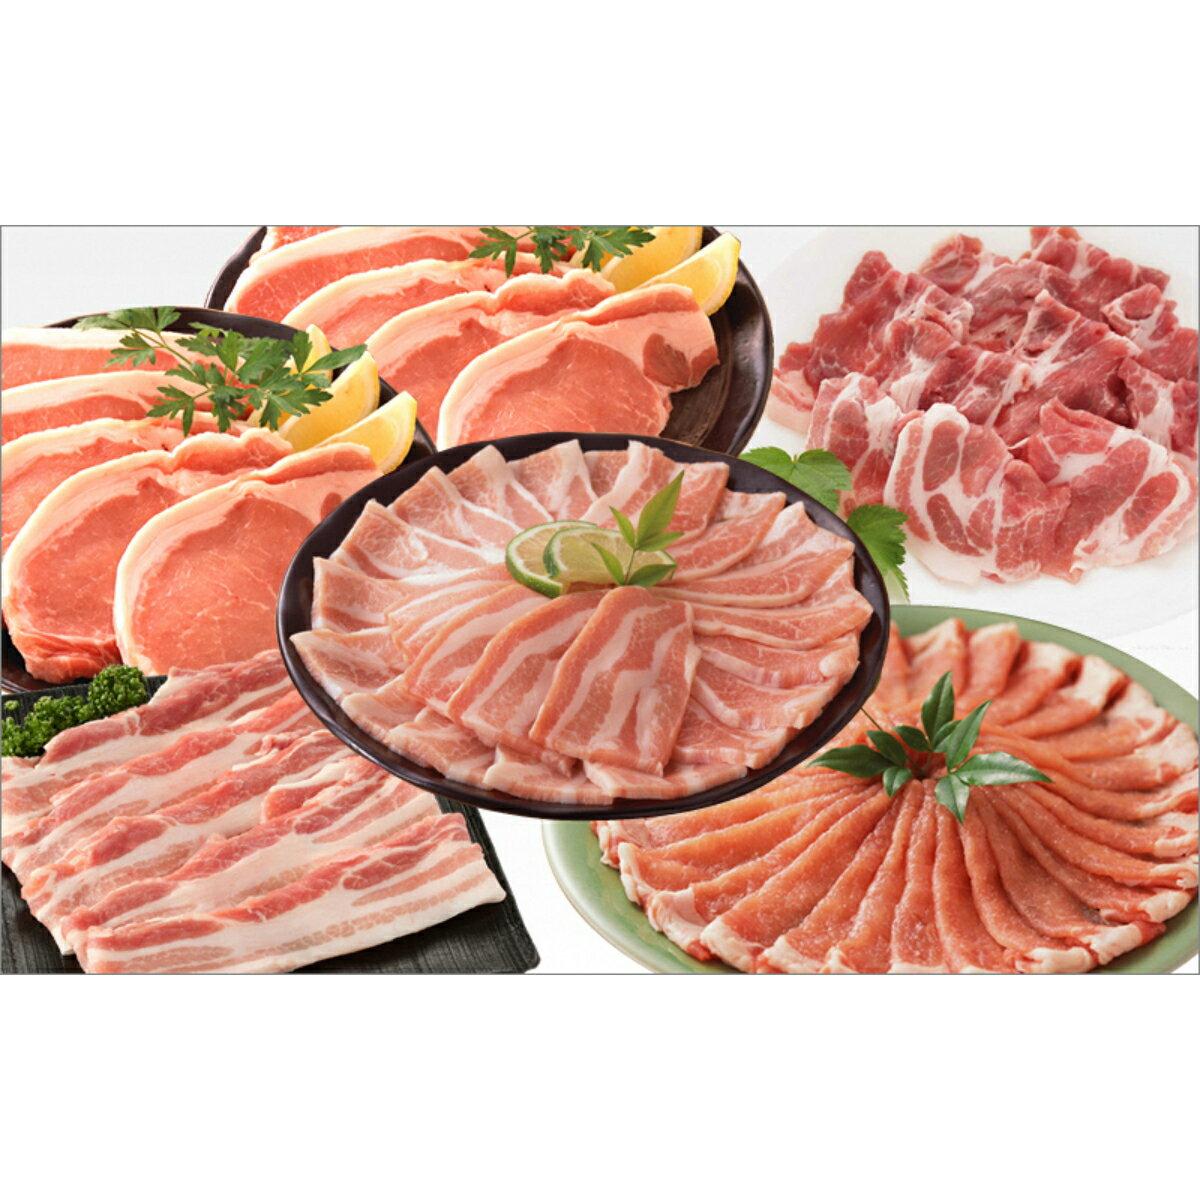 【ふるさと納税】四万十町産豚肉「美鮮豚」食べつくしセット